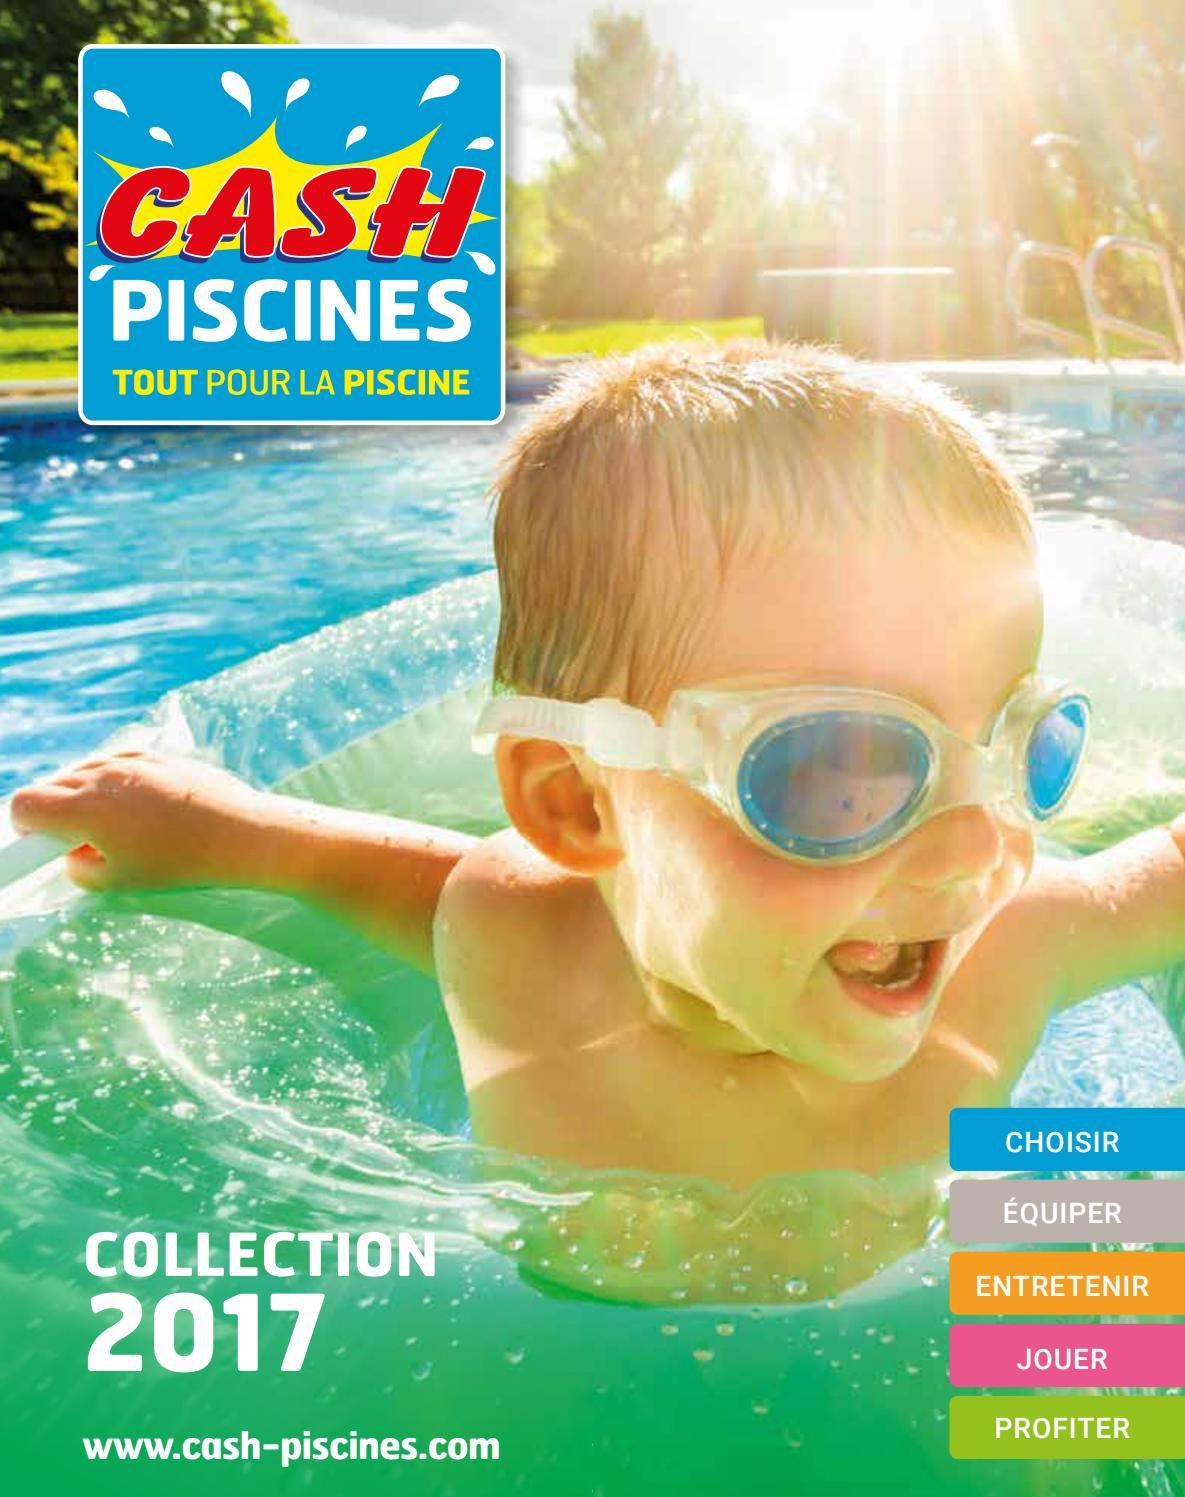 Catalogue Cash Piscine 2017 By Octave Octave - Issuu destiné Cash Piscine Manosque